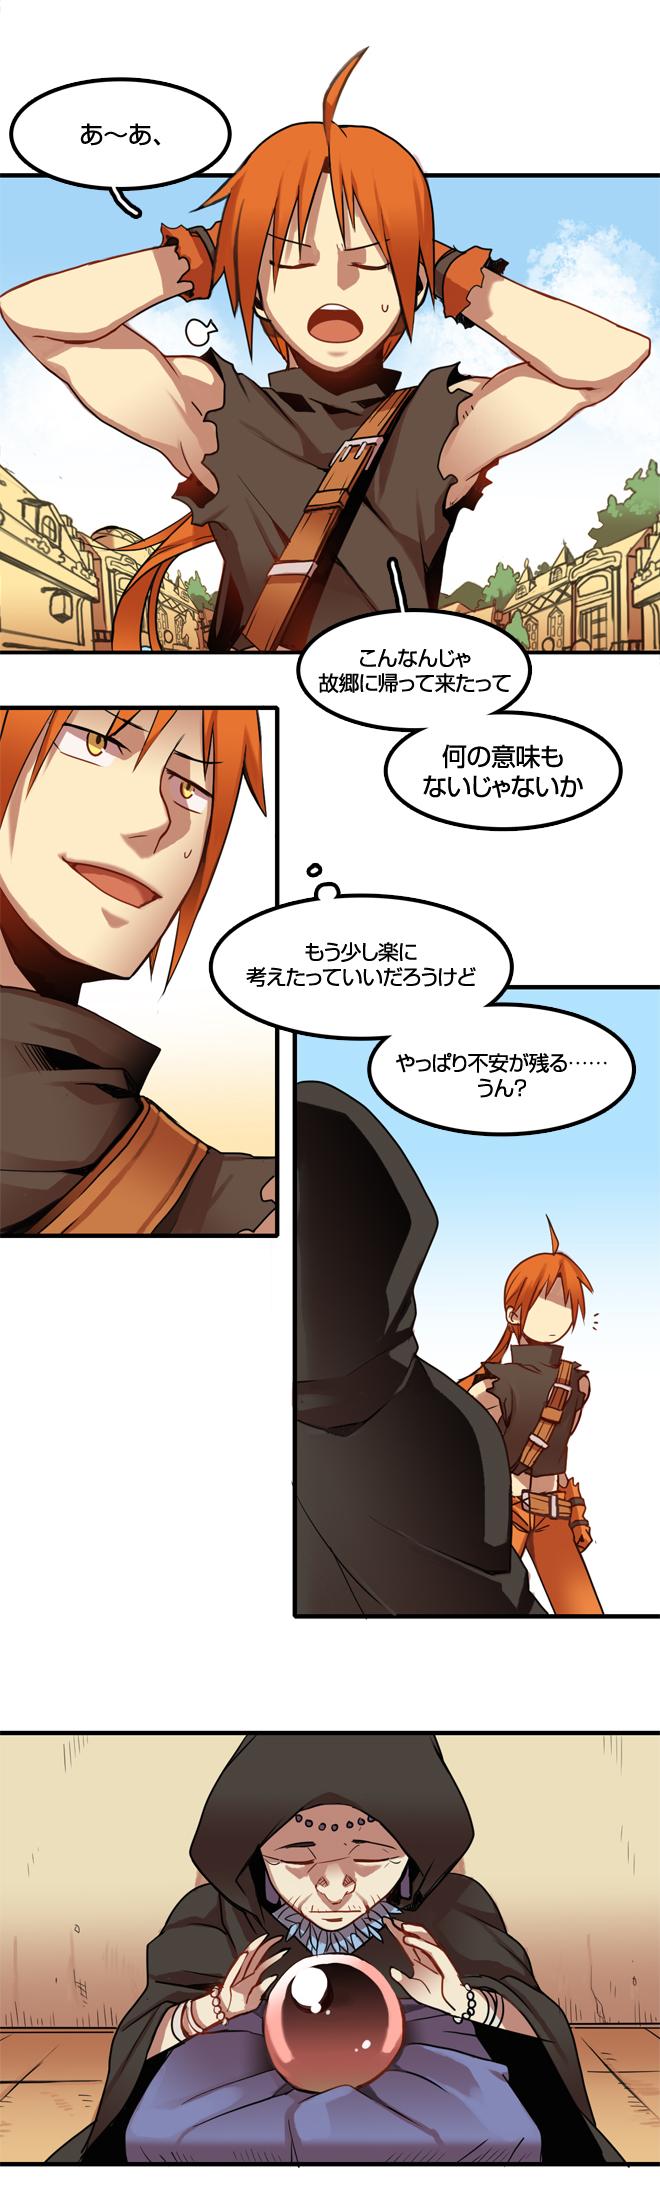 TW_Comic_4_004.jpg